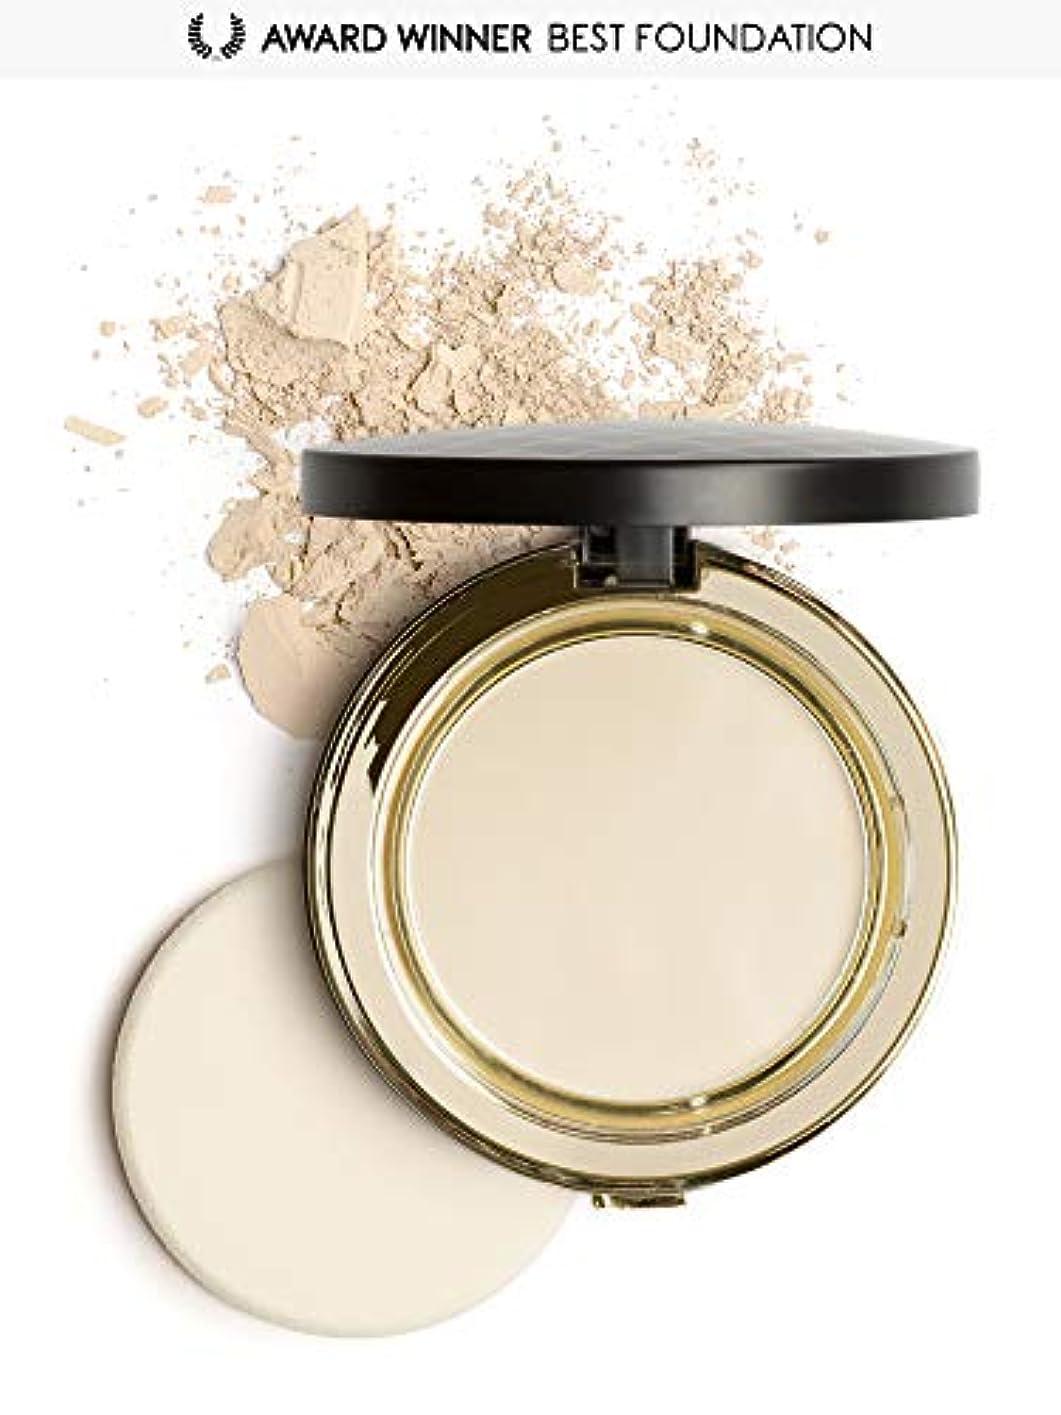 偽善離れた不健全Mirenesse Cosmetics Skin Clone Foundation Mineral Face Powder SPF15 13g/0.46oz (21. Vienna) - AUTHENTIC